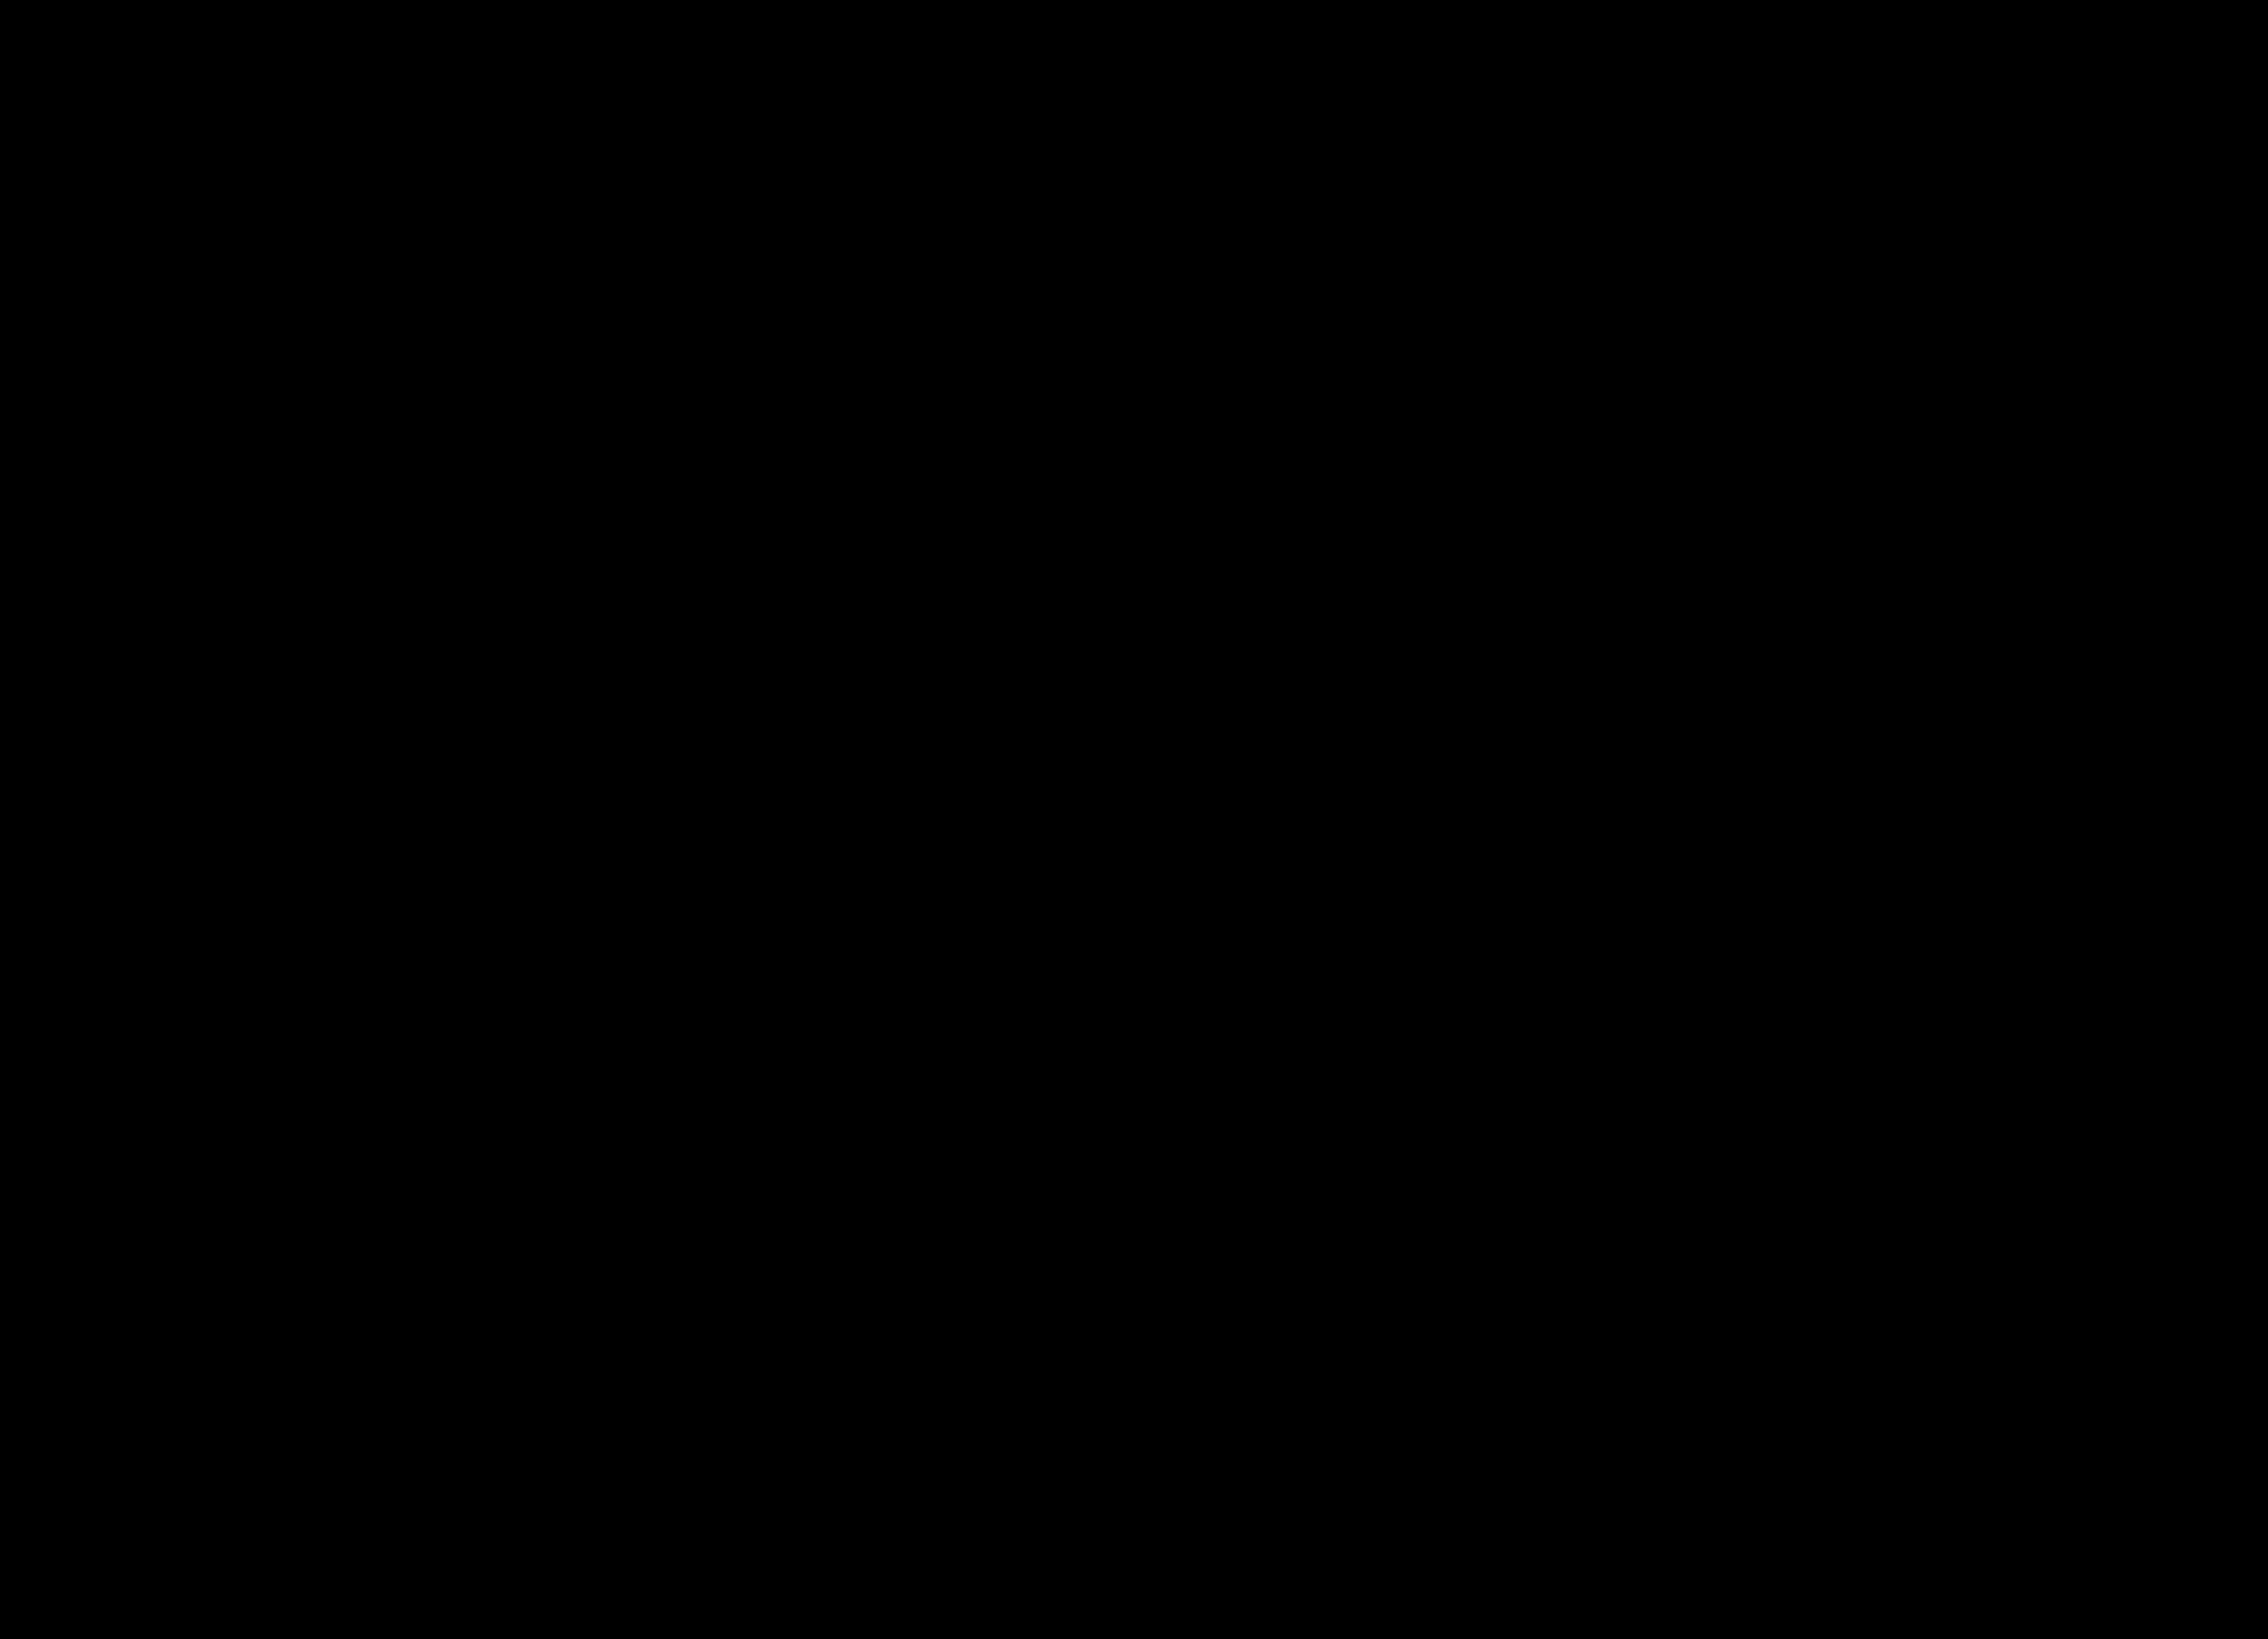 De 10 populairste badkamers van pinterest alles om van je huis je thuis te maken - Photo deco badkamer ...